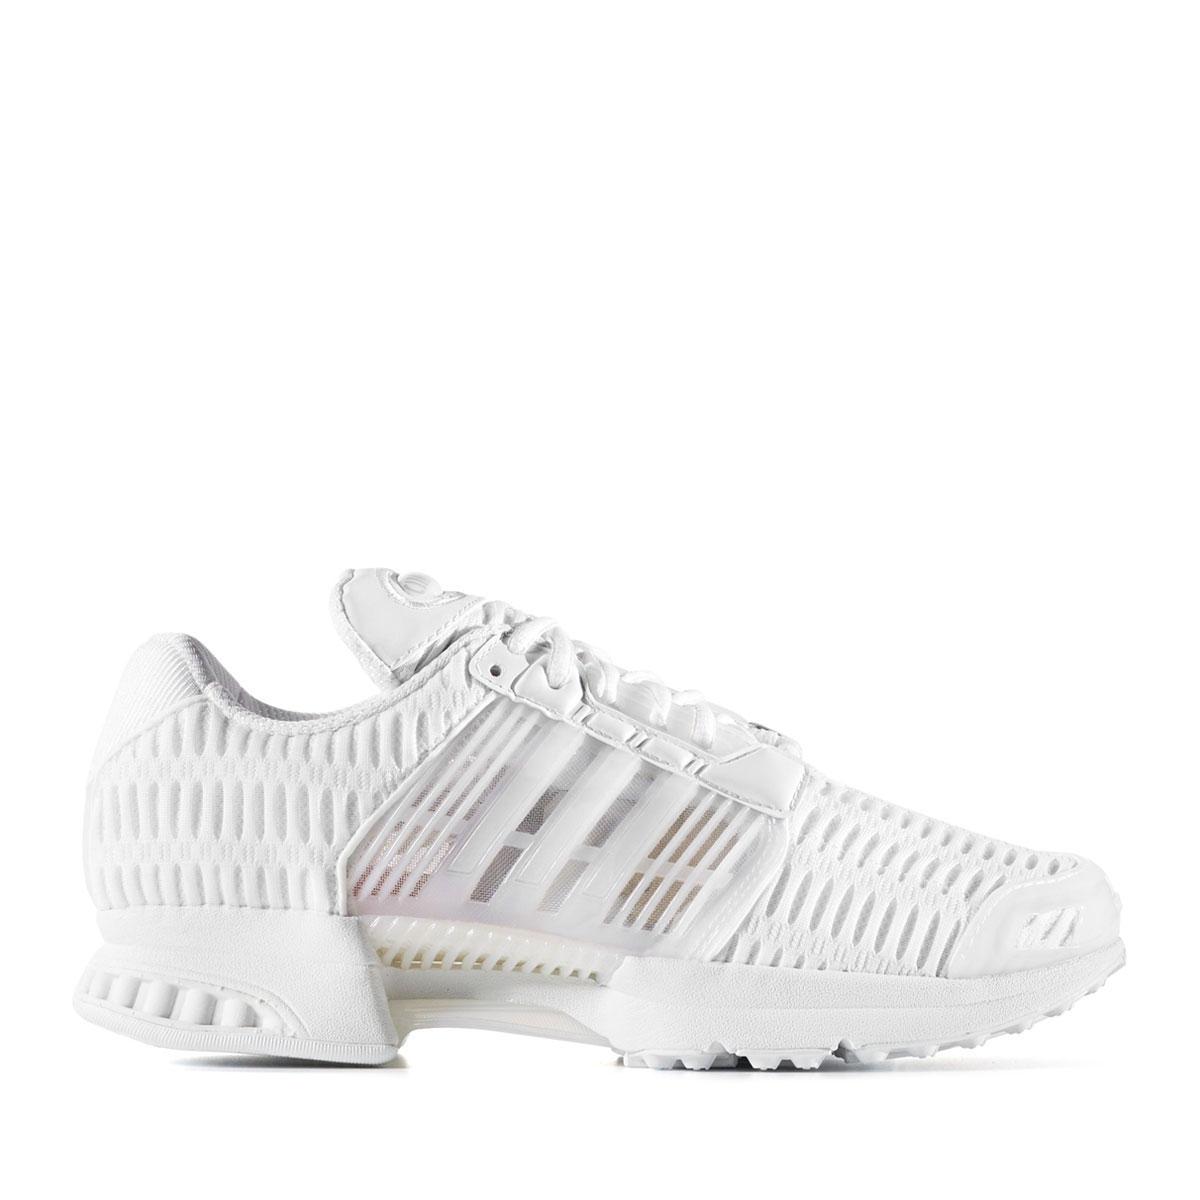 adidas Originals CLIMACOOL 1(アディダス オリジナルス クライマクール)(Running White/Running White/Running White) 【メンズ スニーカー】17FW-I